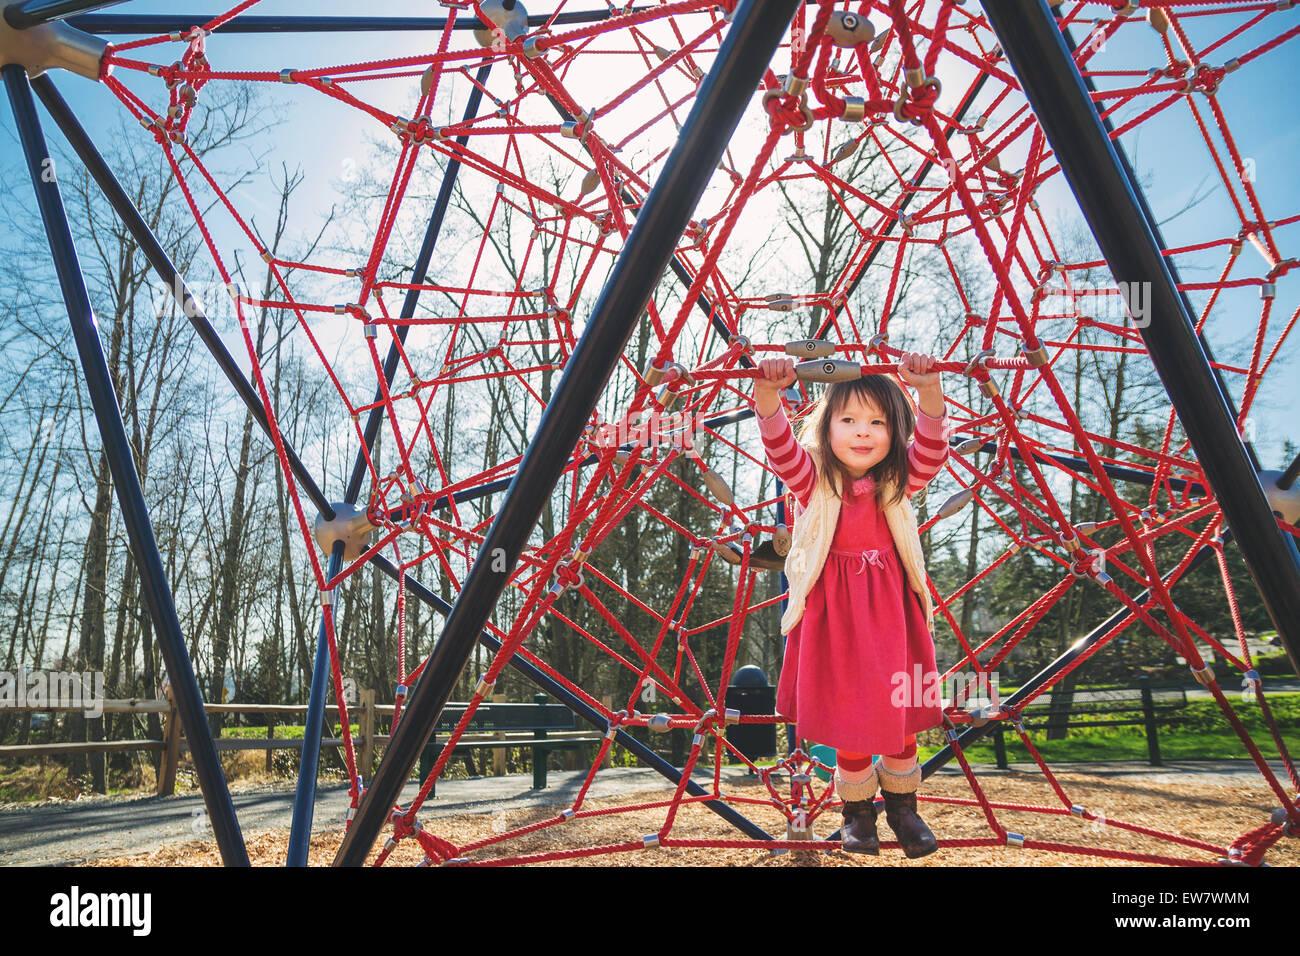 Klettergerüst Aus Seilen : Mädchen spielen auf einem roten klettergerüst stockfoto bild